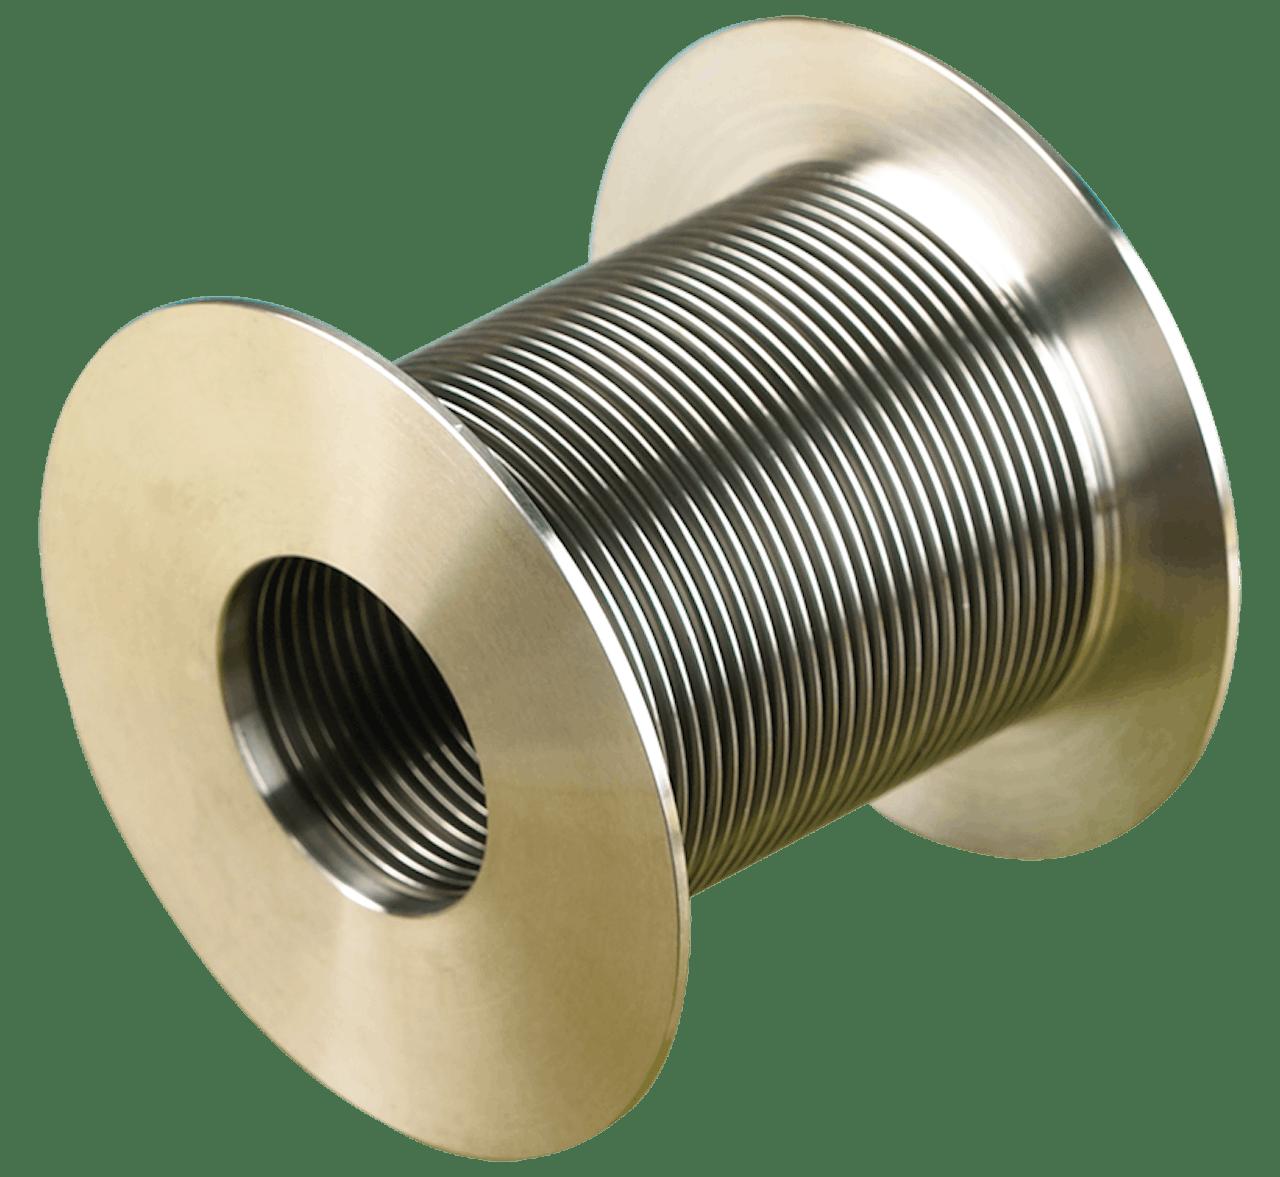 Lifter bellows